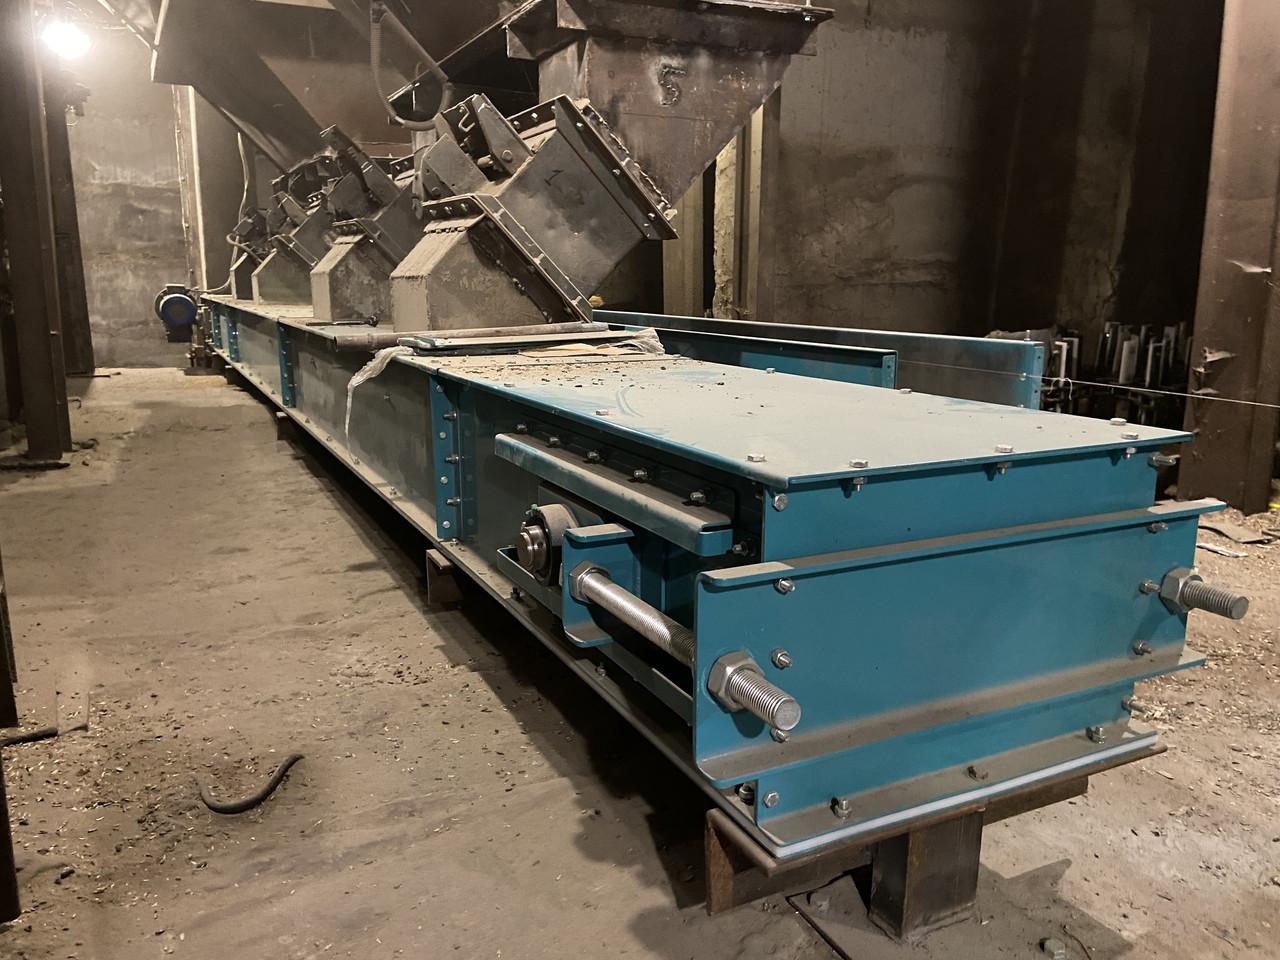 Конвейер ленточный в коробе ТЛК, закрытый ленточный конвейер, ленточный транспортер